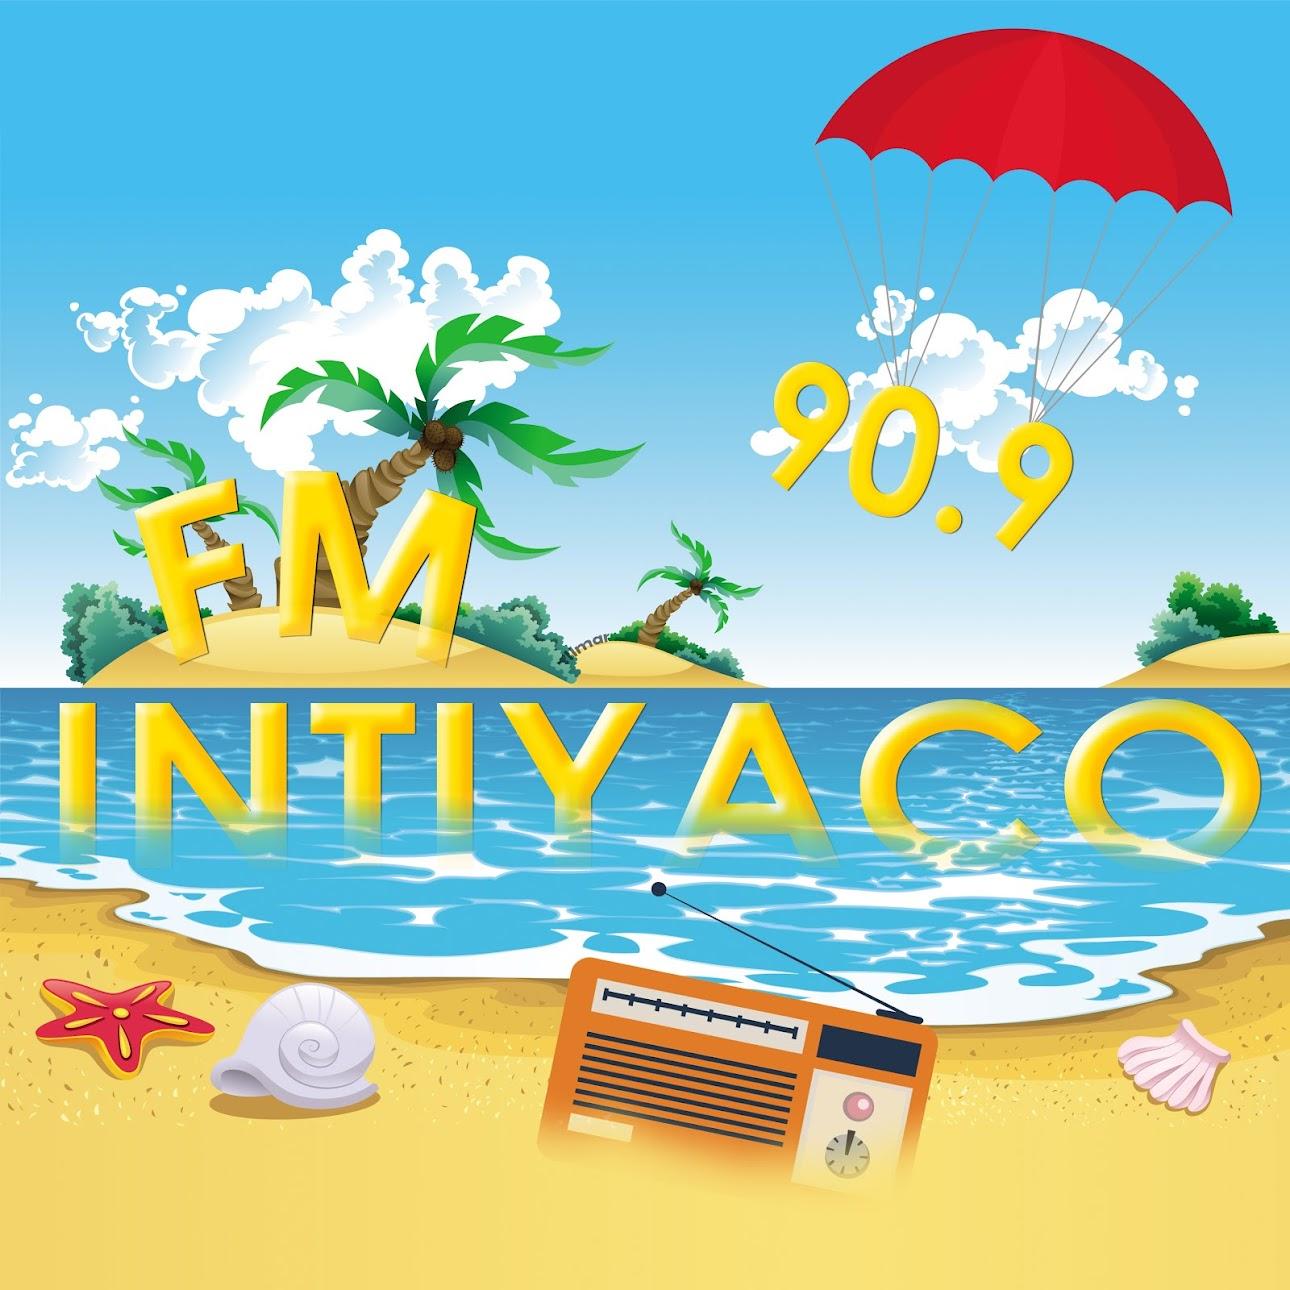 FM INTIYACO 90.9